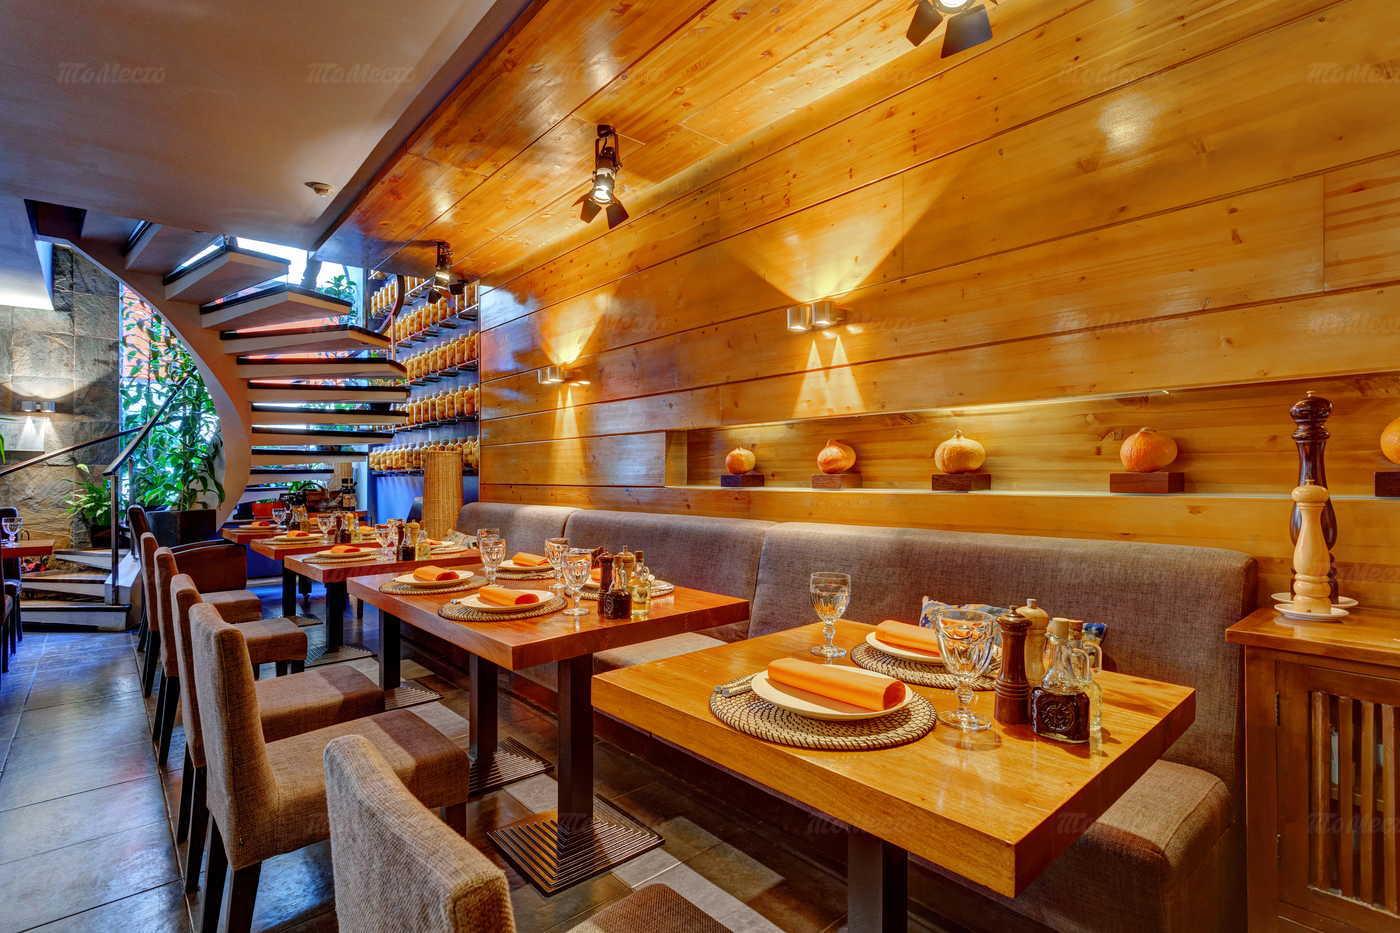 Ресторан Барашка (Бараshка) на Петровке фото 3